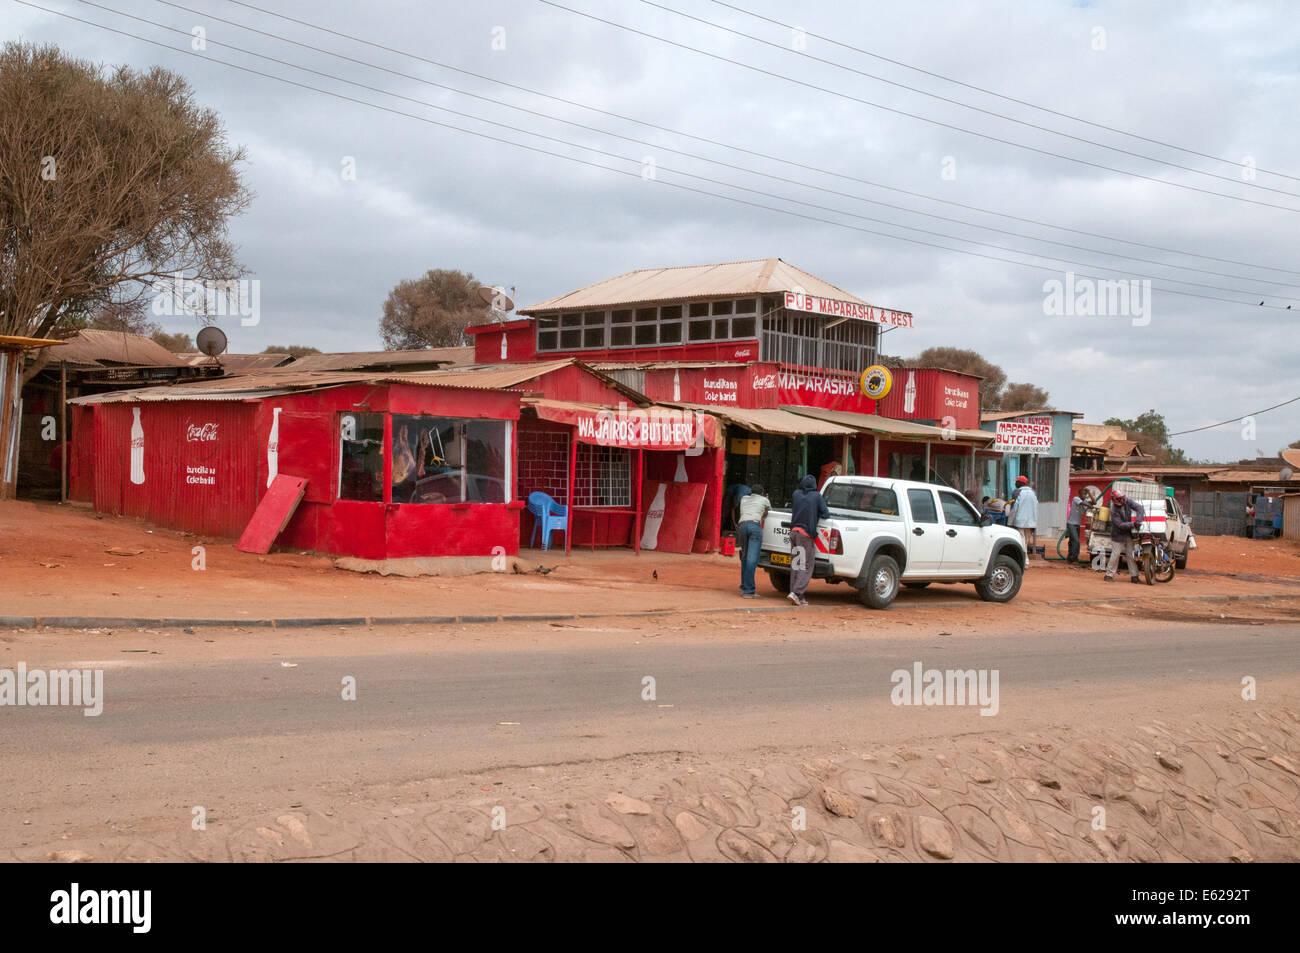 Terzo mondo ferro corrugato baracche di strada e negozi duka norcineria hotel safari.com su Namanga strada Nairobi Immagini Stock